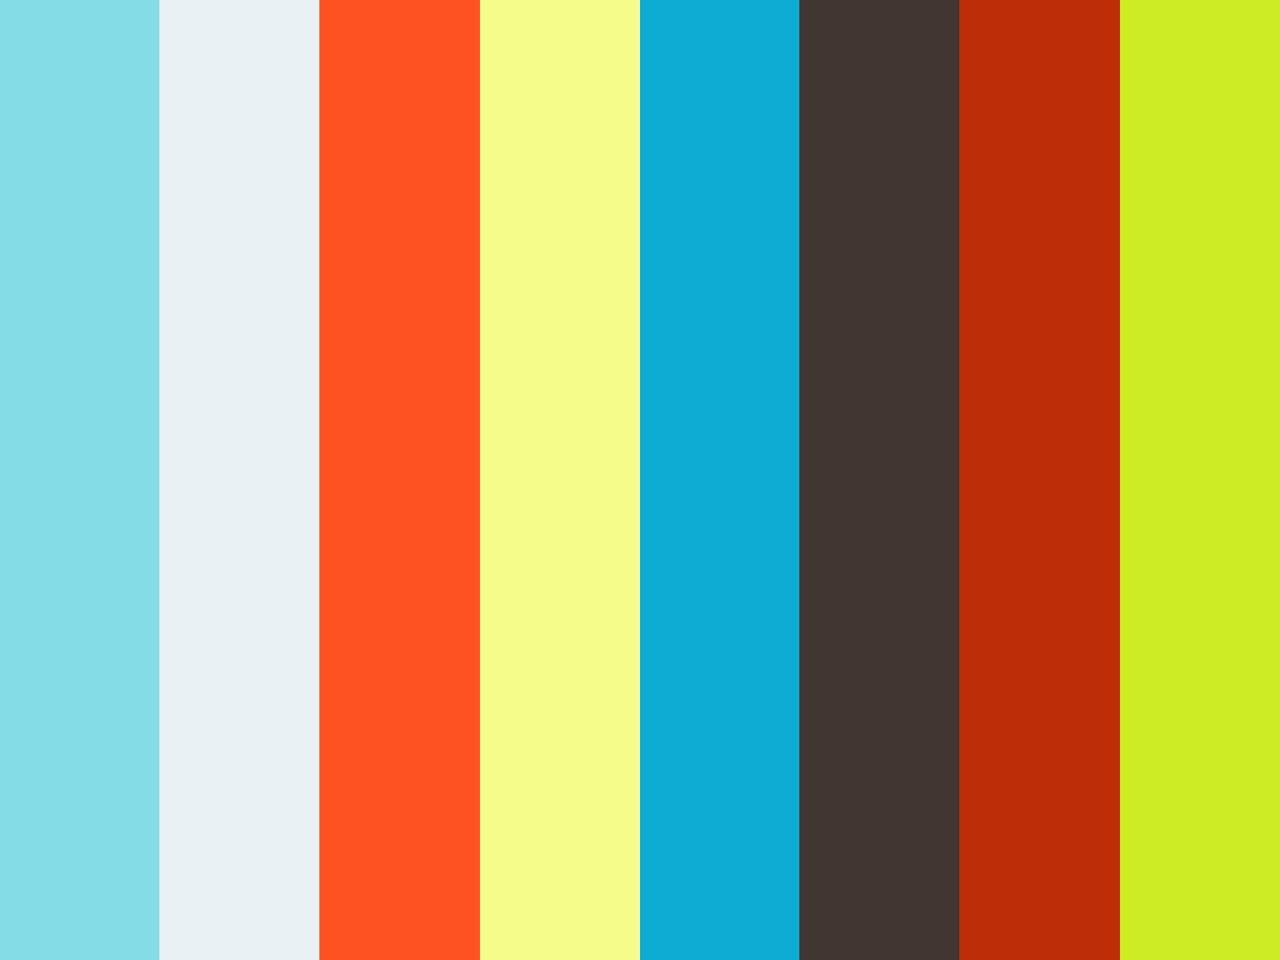 002735 - CORP - Ohlala BehaKlas - Tip 06 - Balconnet